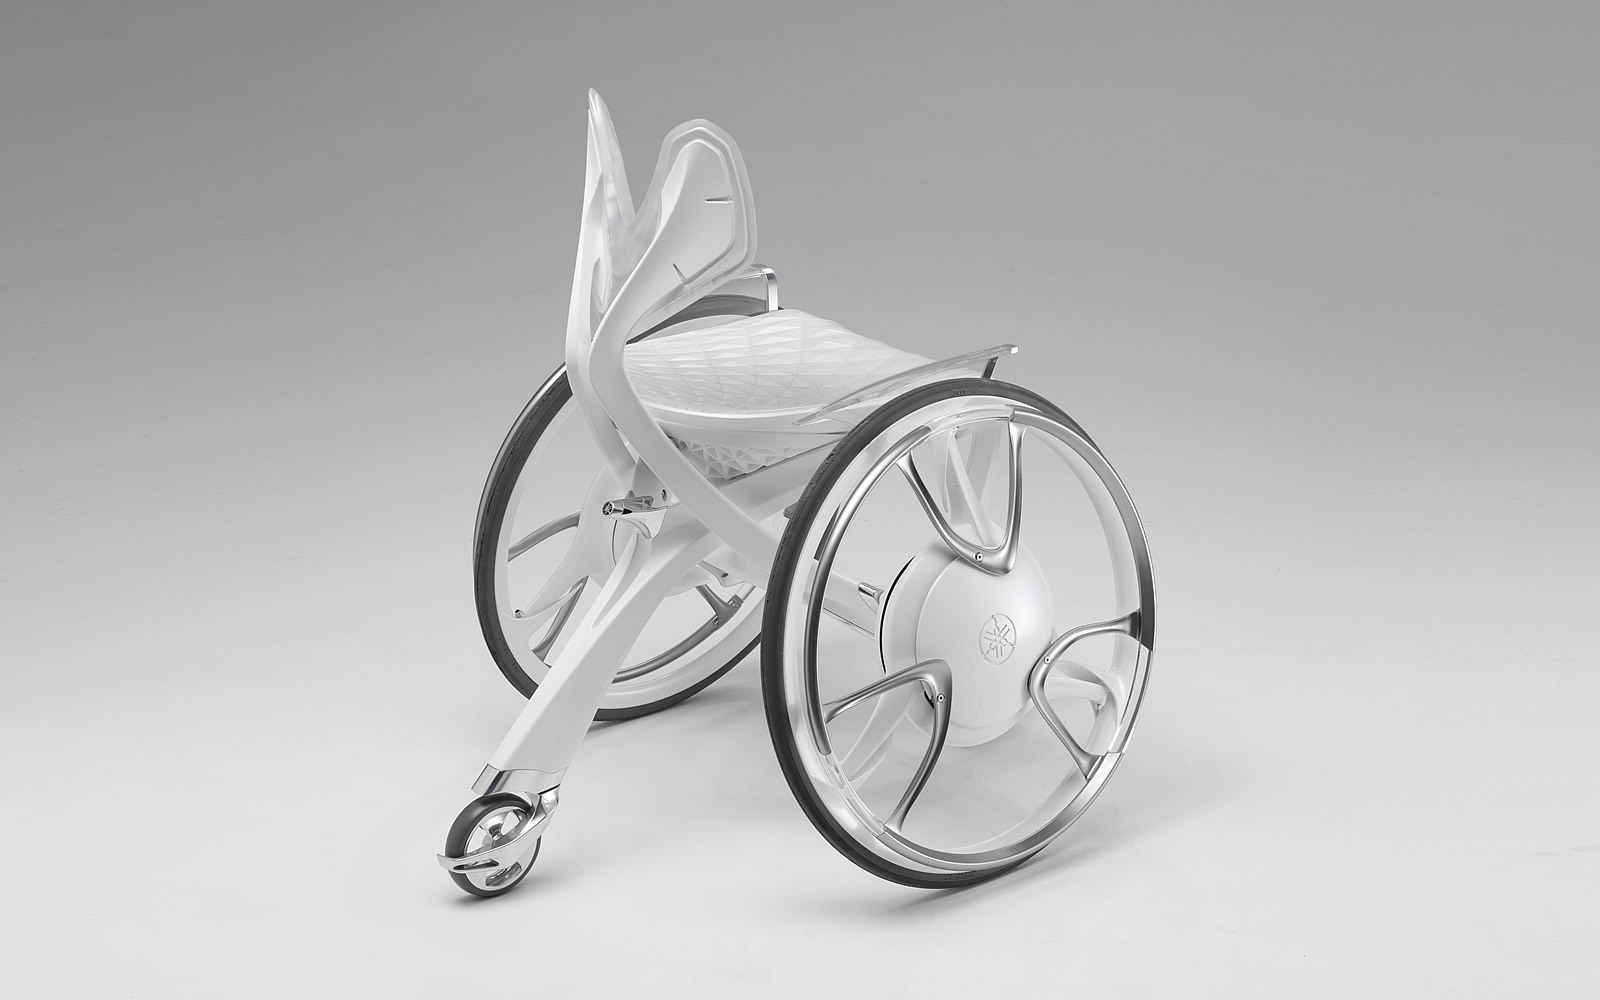 02GEN - Yamaha Motor Design | Yamaha Motor Co., Ltd.